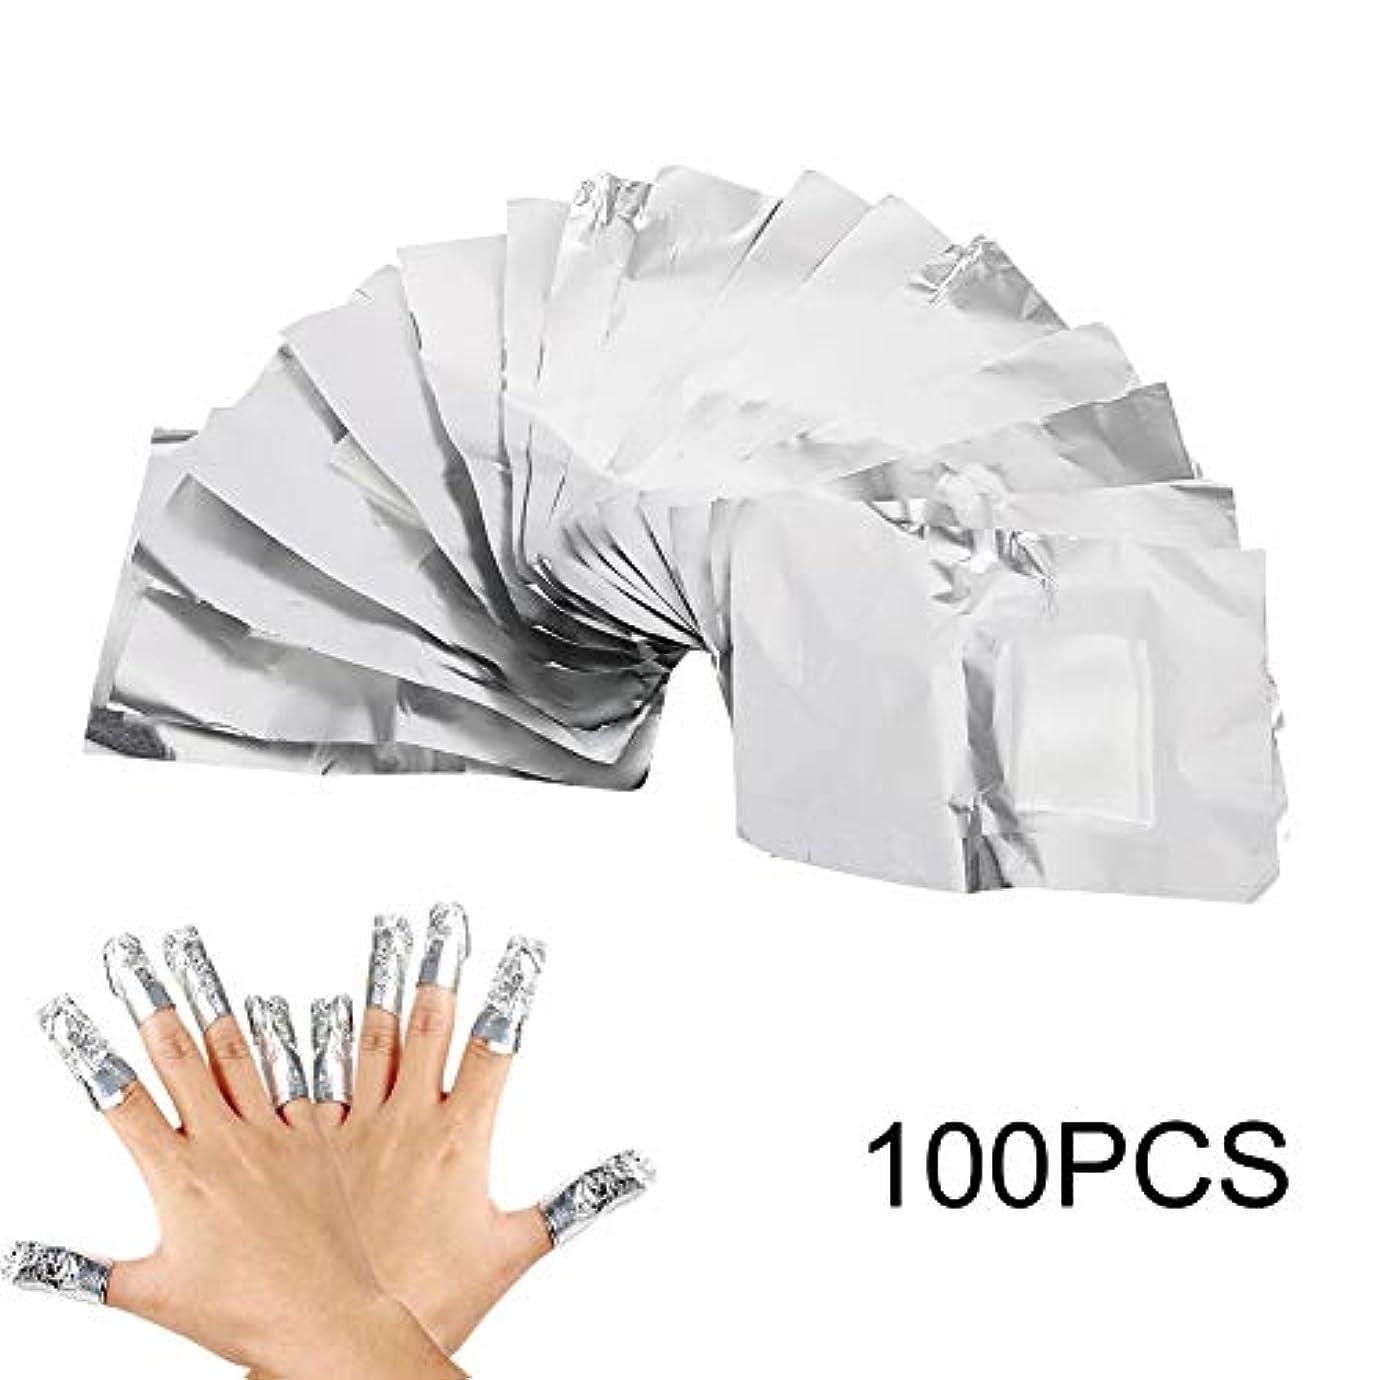 ジェットしてはいけない有益ネイル除去ホイルラップ 100ピース プロアルミホイルジェルポリッシュ除去ネイルアートリムーバーソークオフジェルラップ